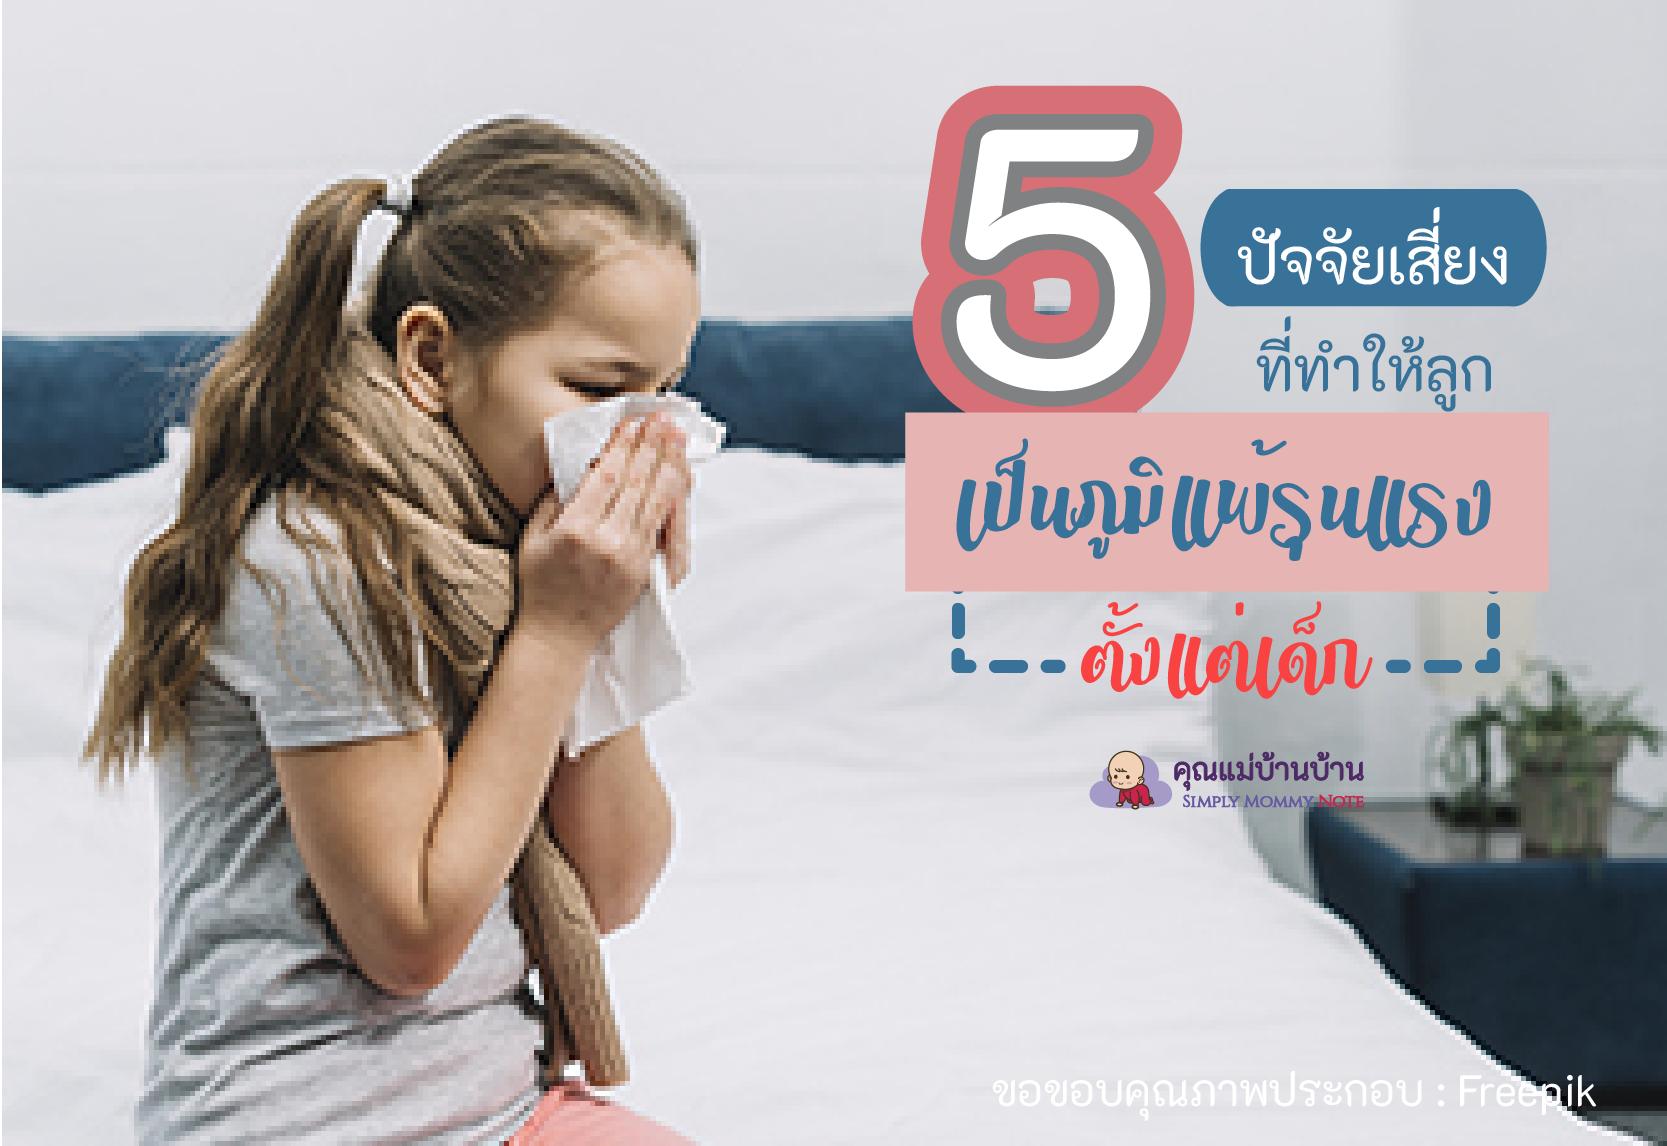 5 ปัจจัยเสี่ยงที่ทำให้ลูกเป็นภูมิแพ้รุนแรงตั้งแต่เด็ก